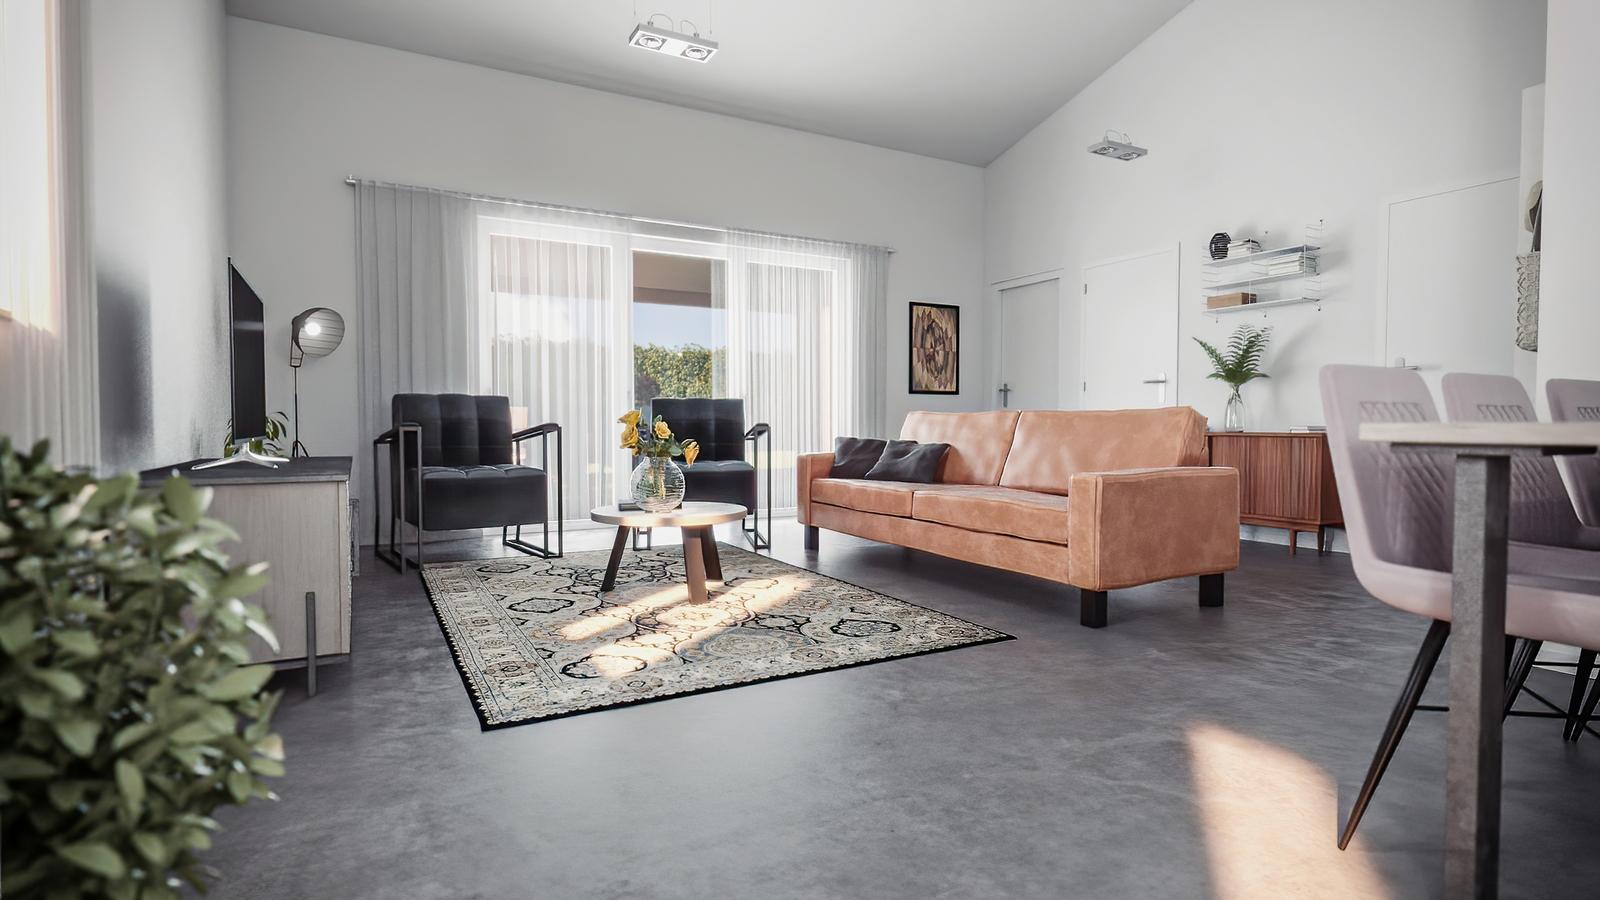 3-kamer villa voor 4 personen - type 1